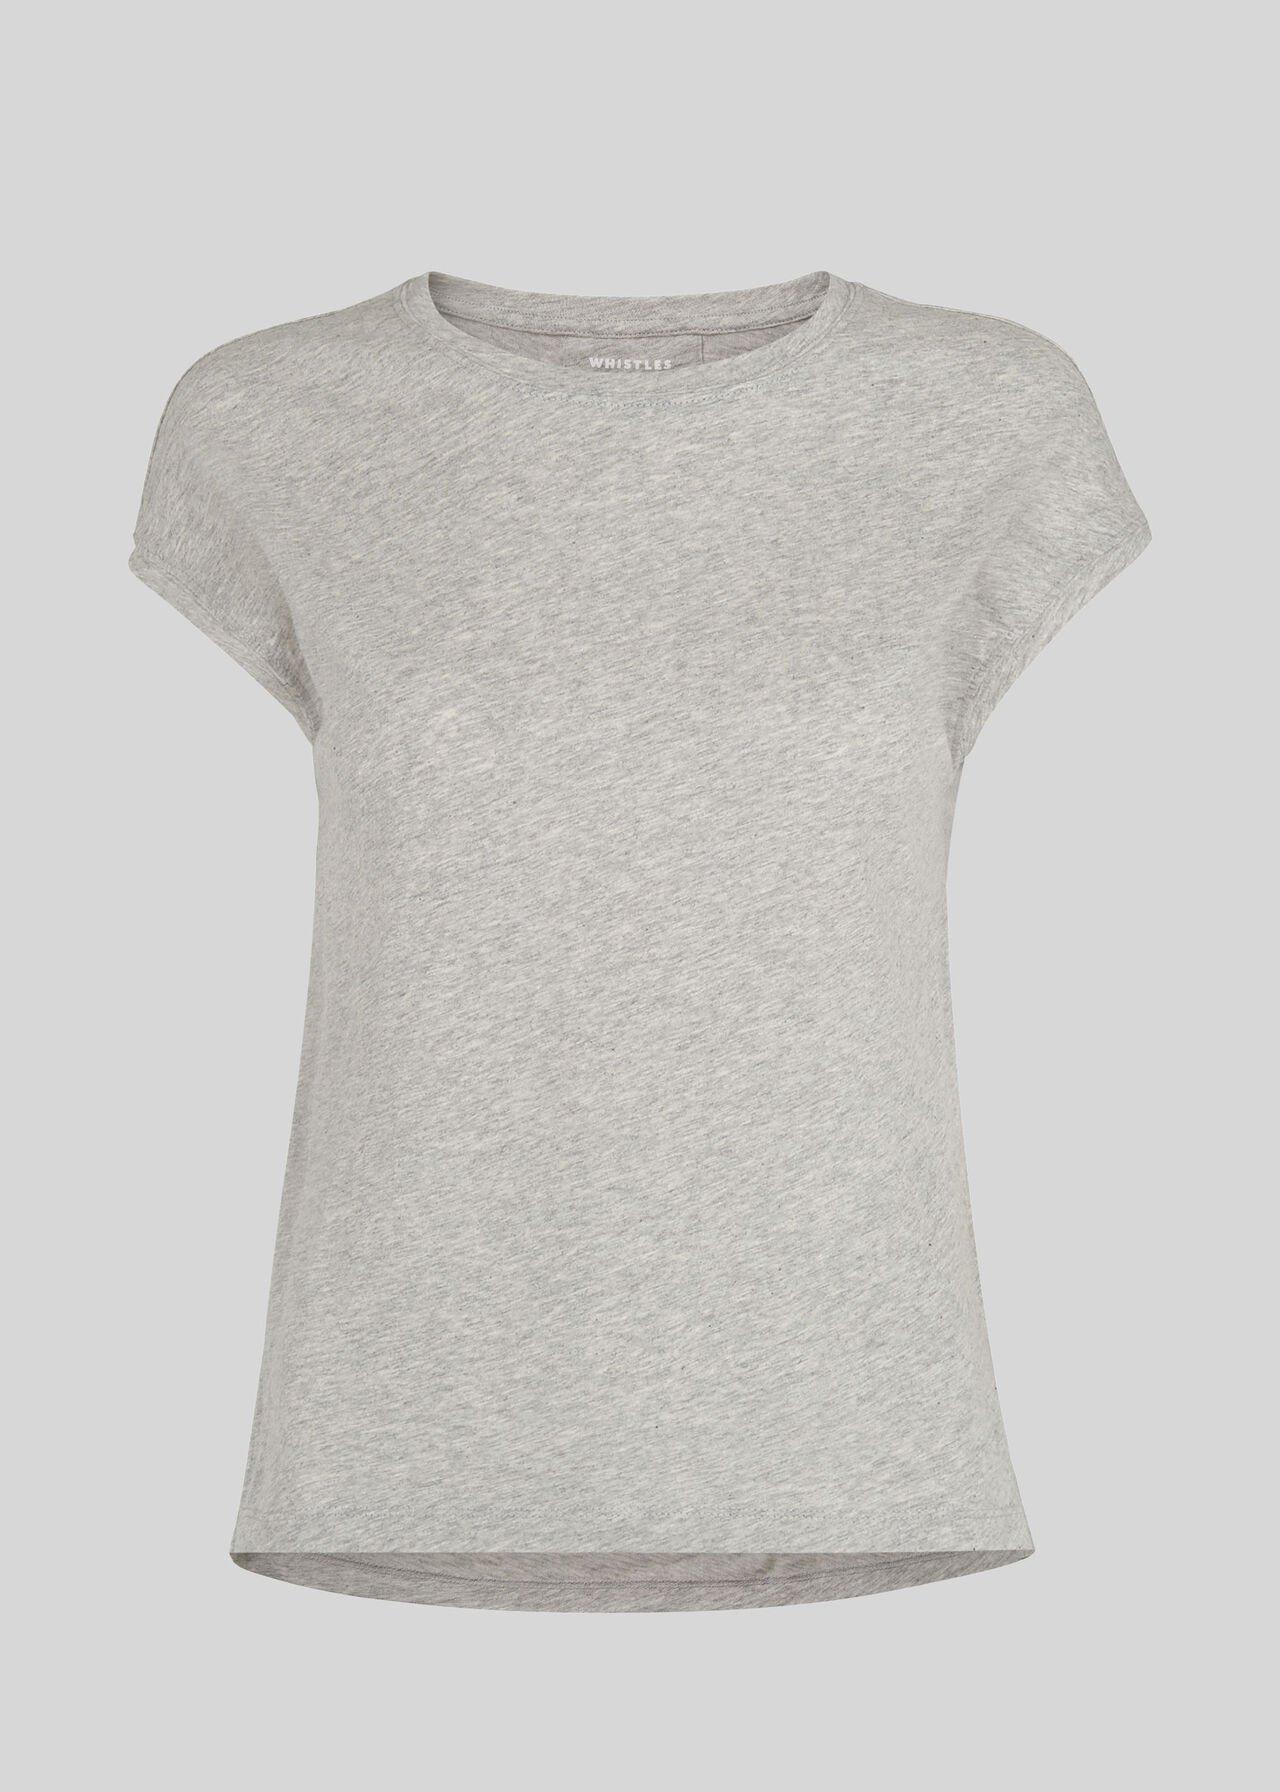 Minimal Cap Sleeve Tee Grey